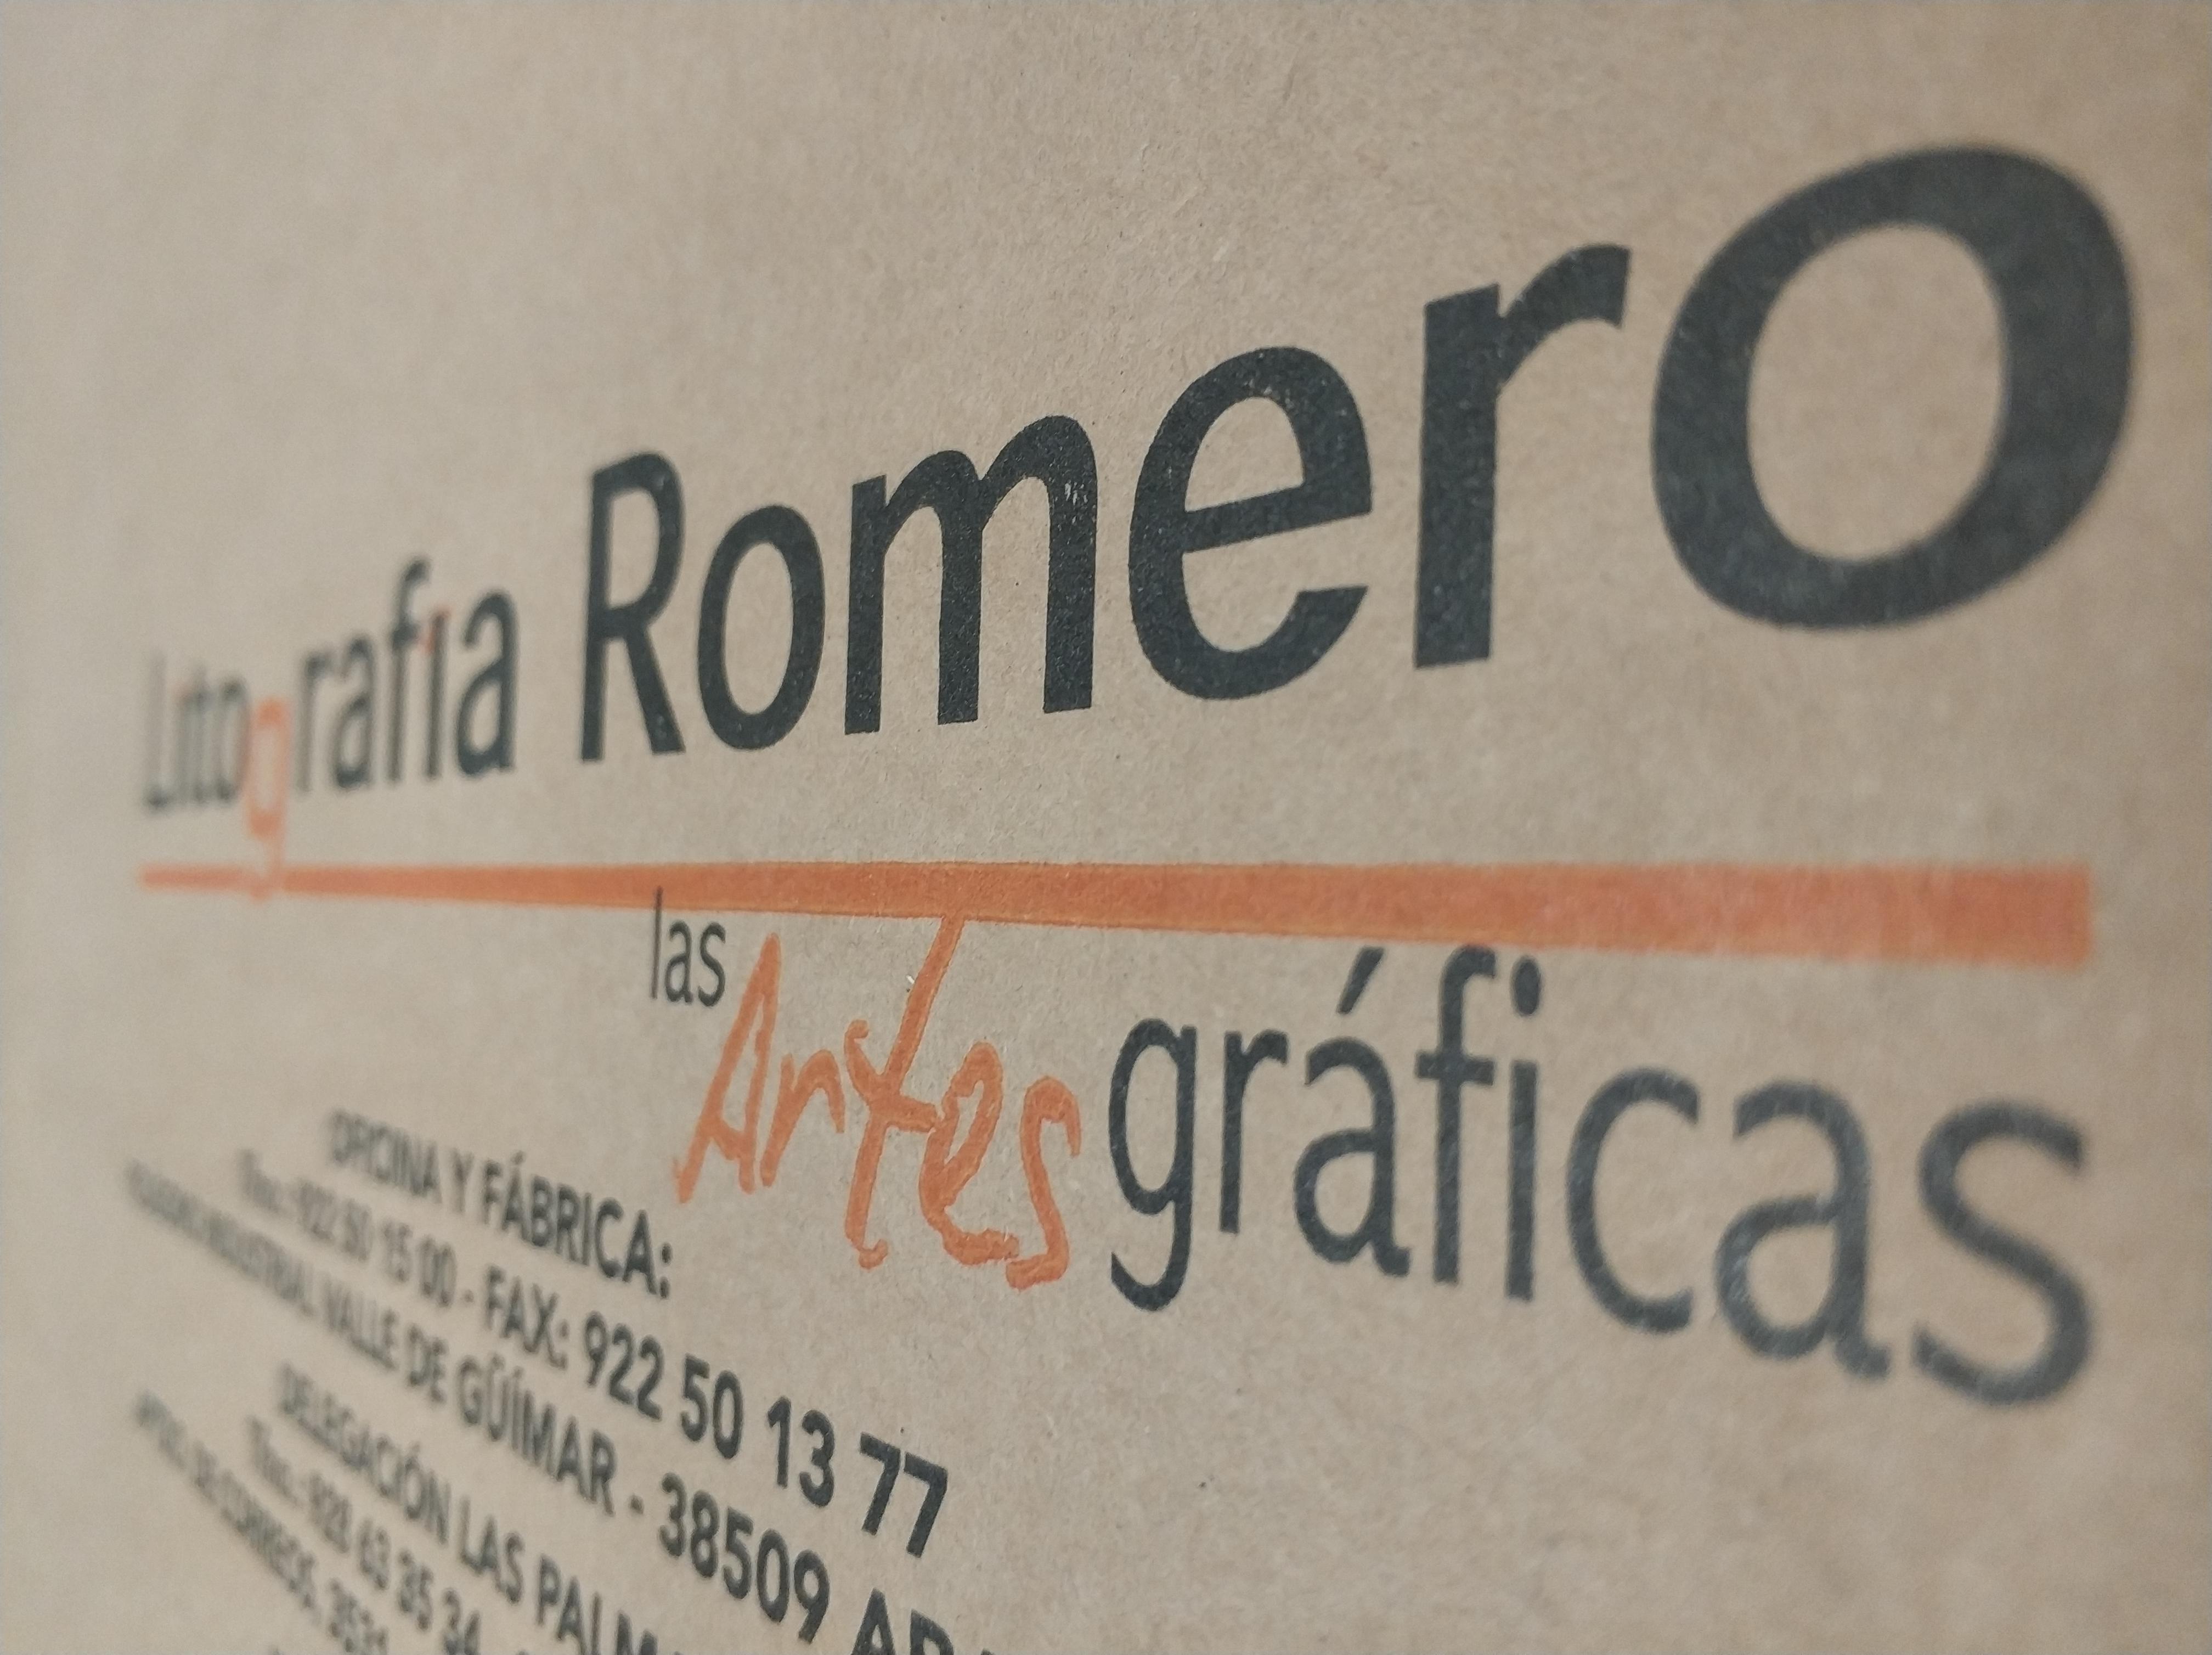 Cliché Flexografía Litografía Romero, tu imprenta digital en Canarias